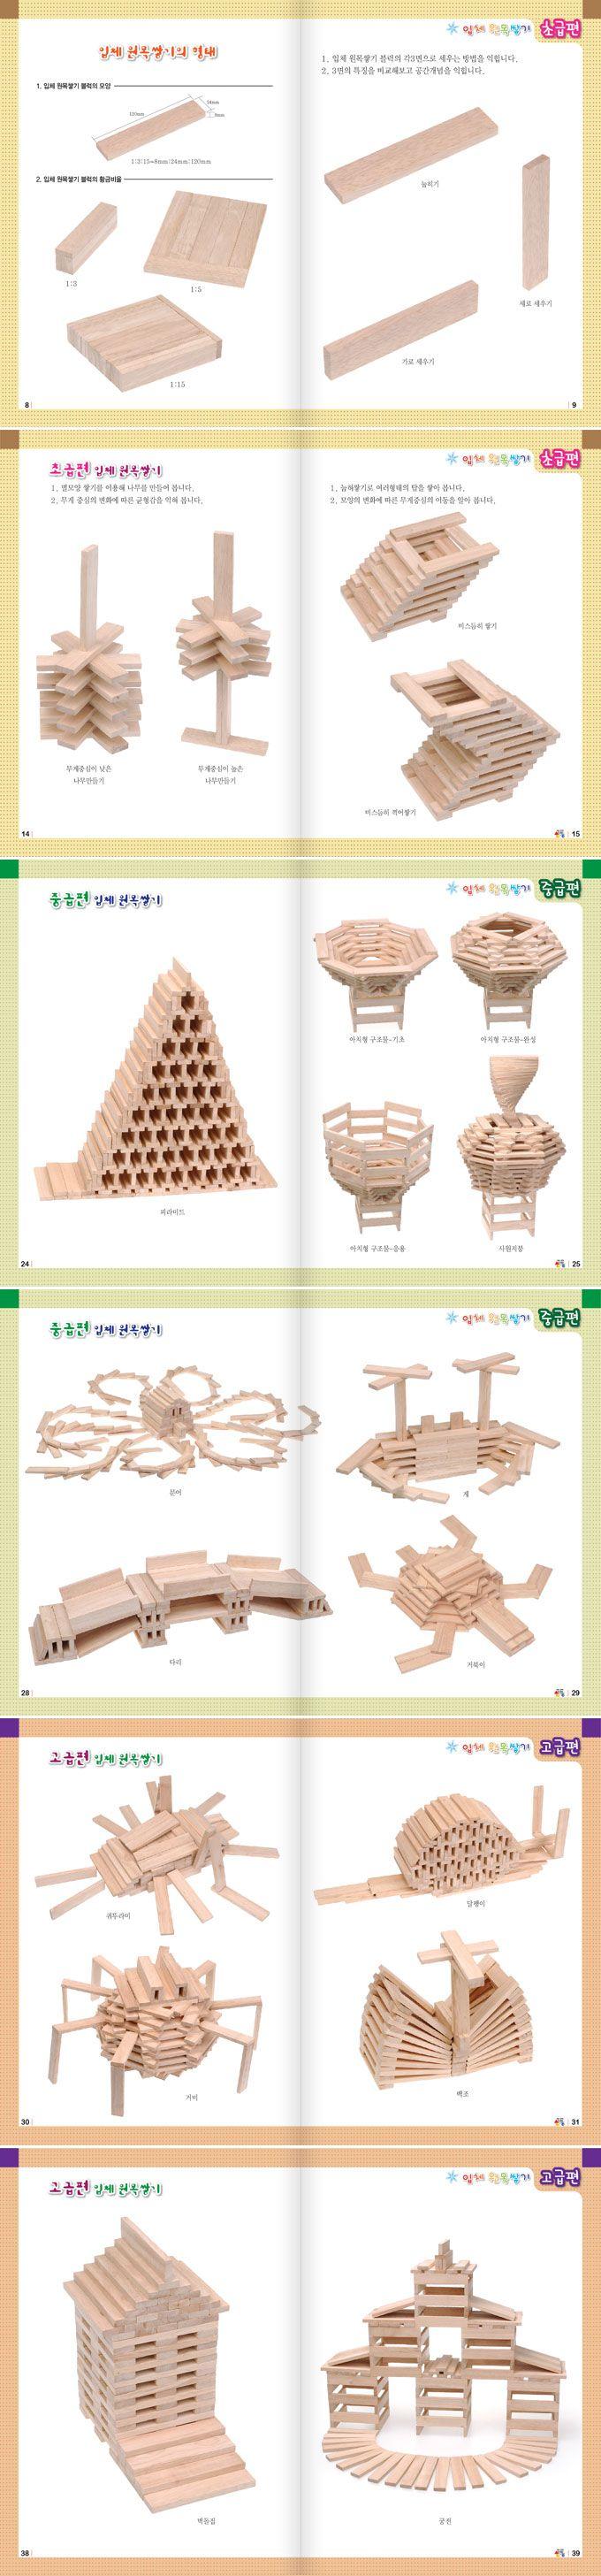 가베놀이 명품카프라 원목200pcs+칼라200pcs+예제집/비취우드